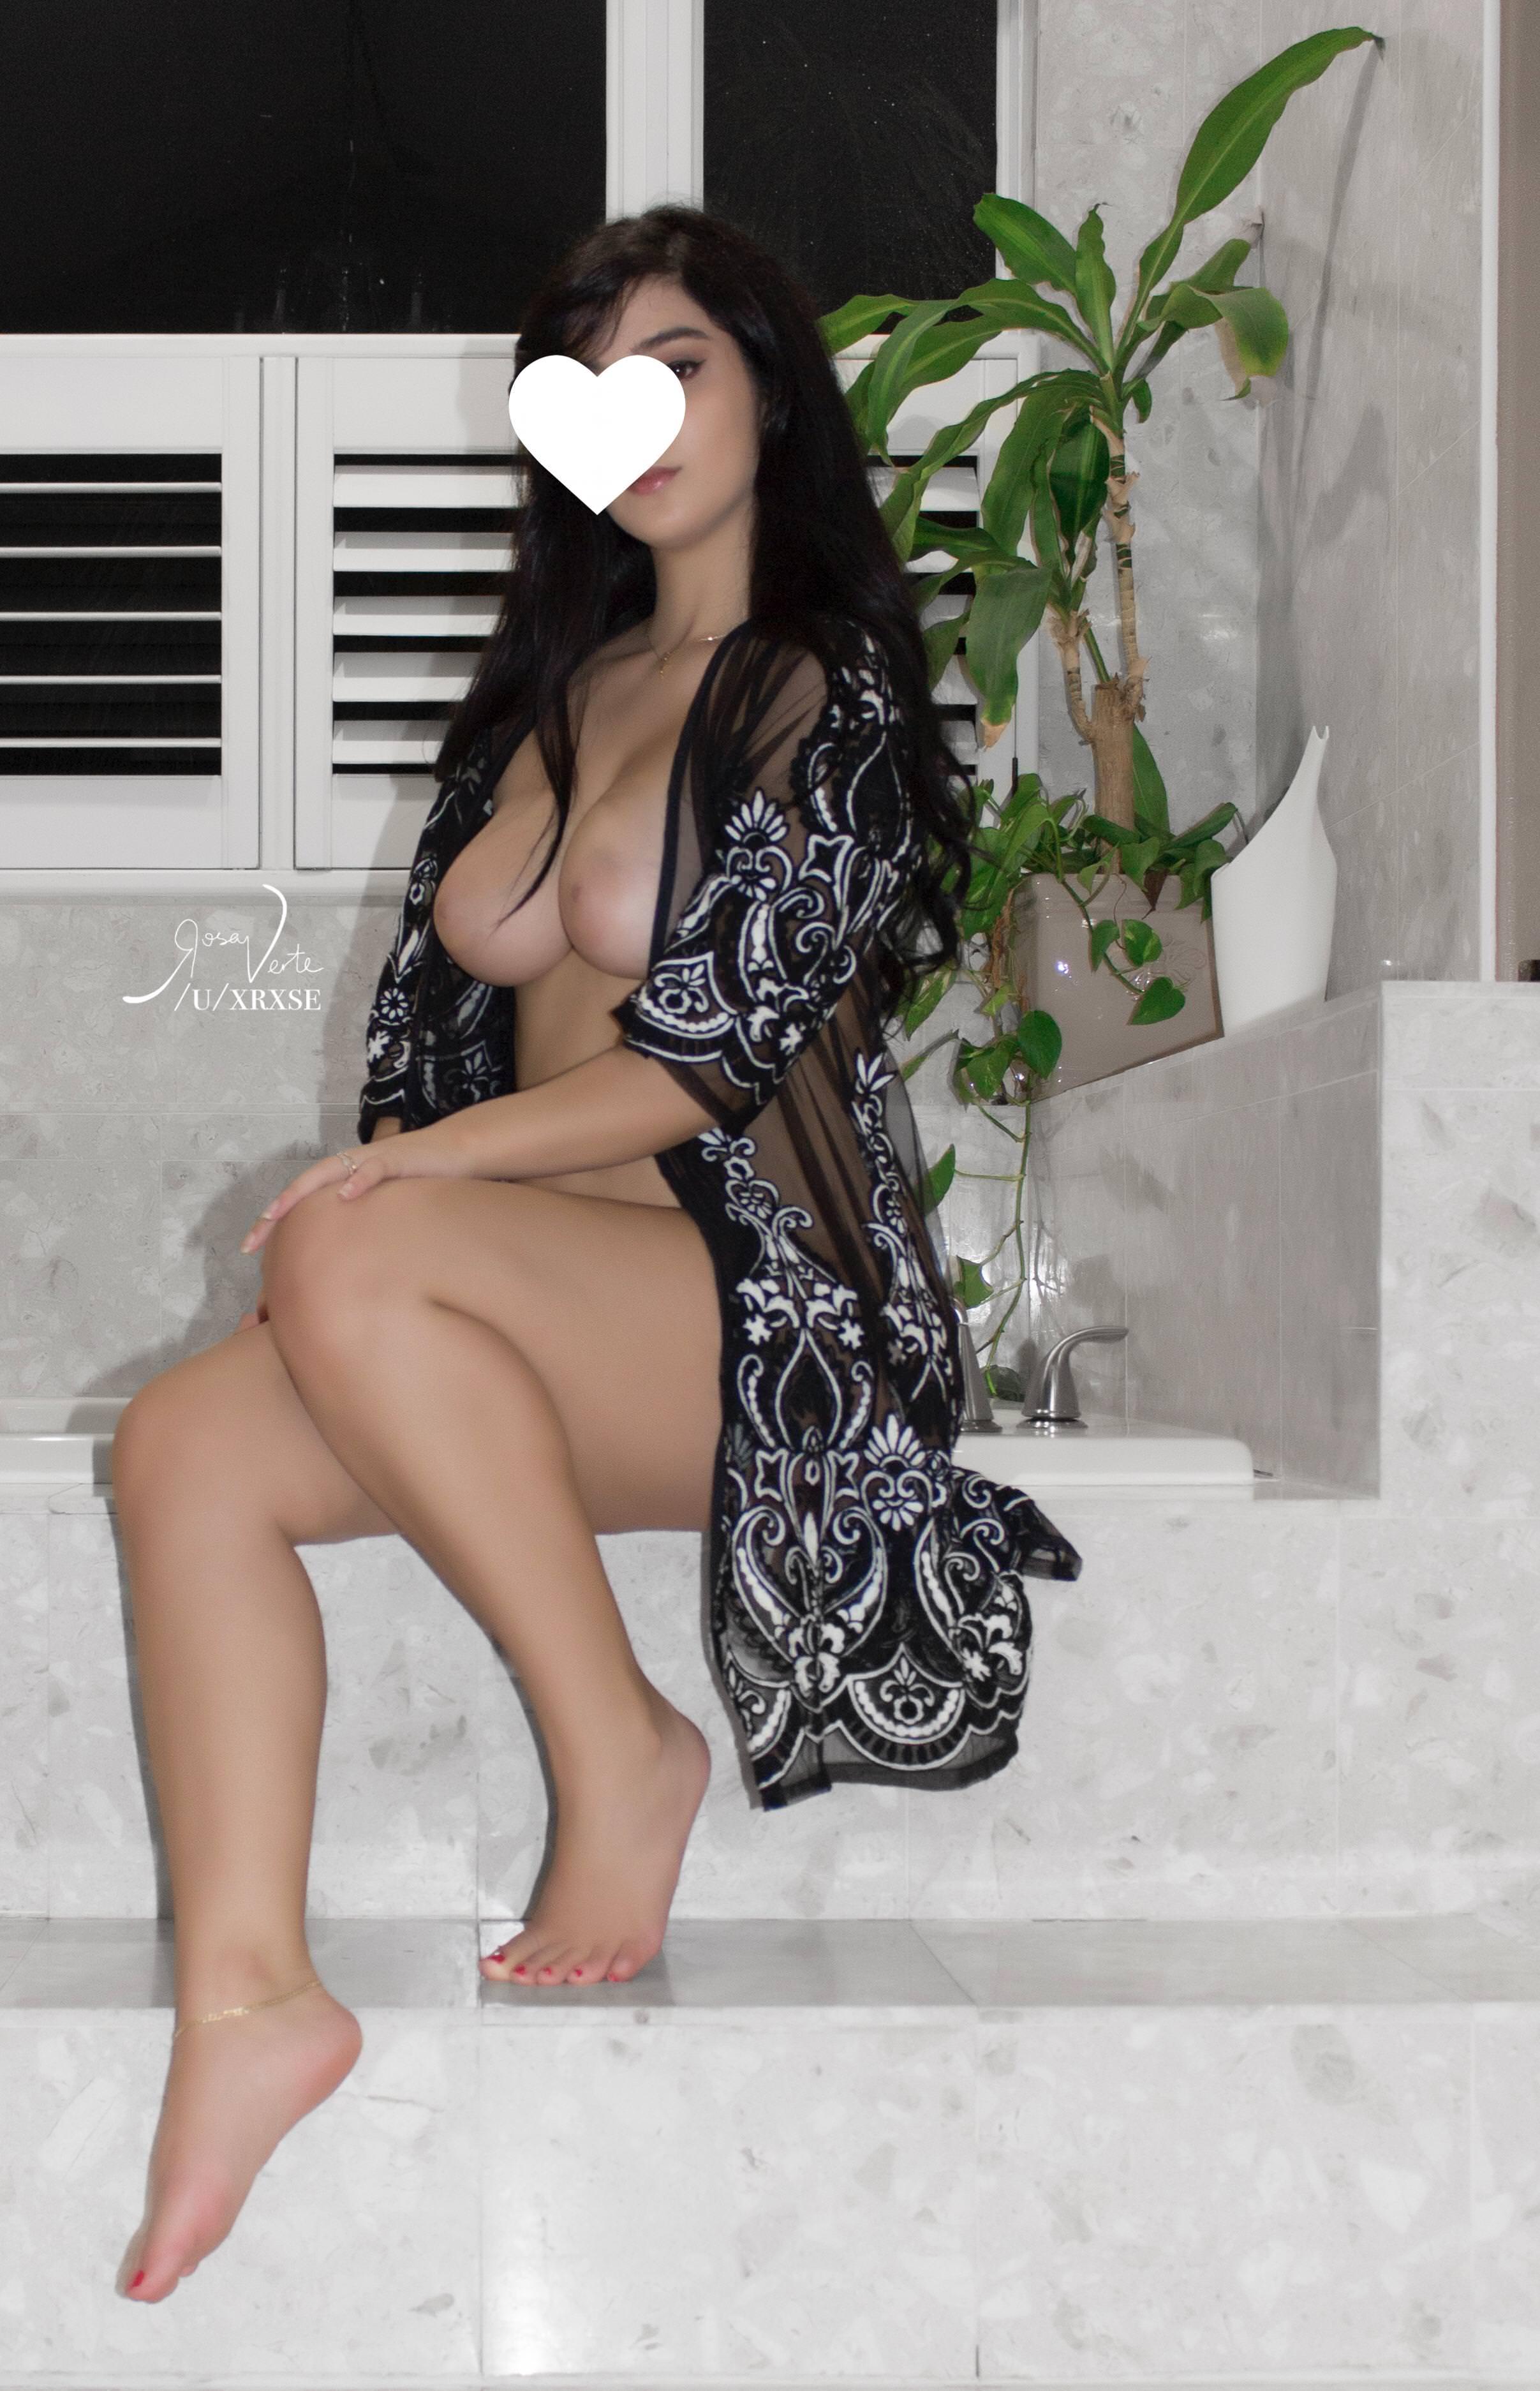 Rosalie Verte - breasts